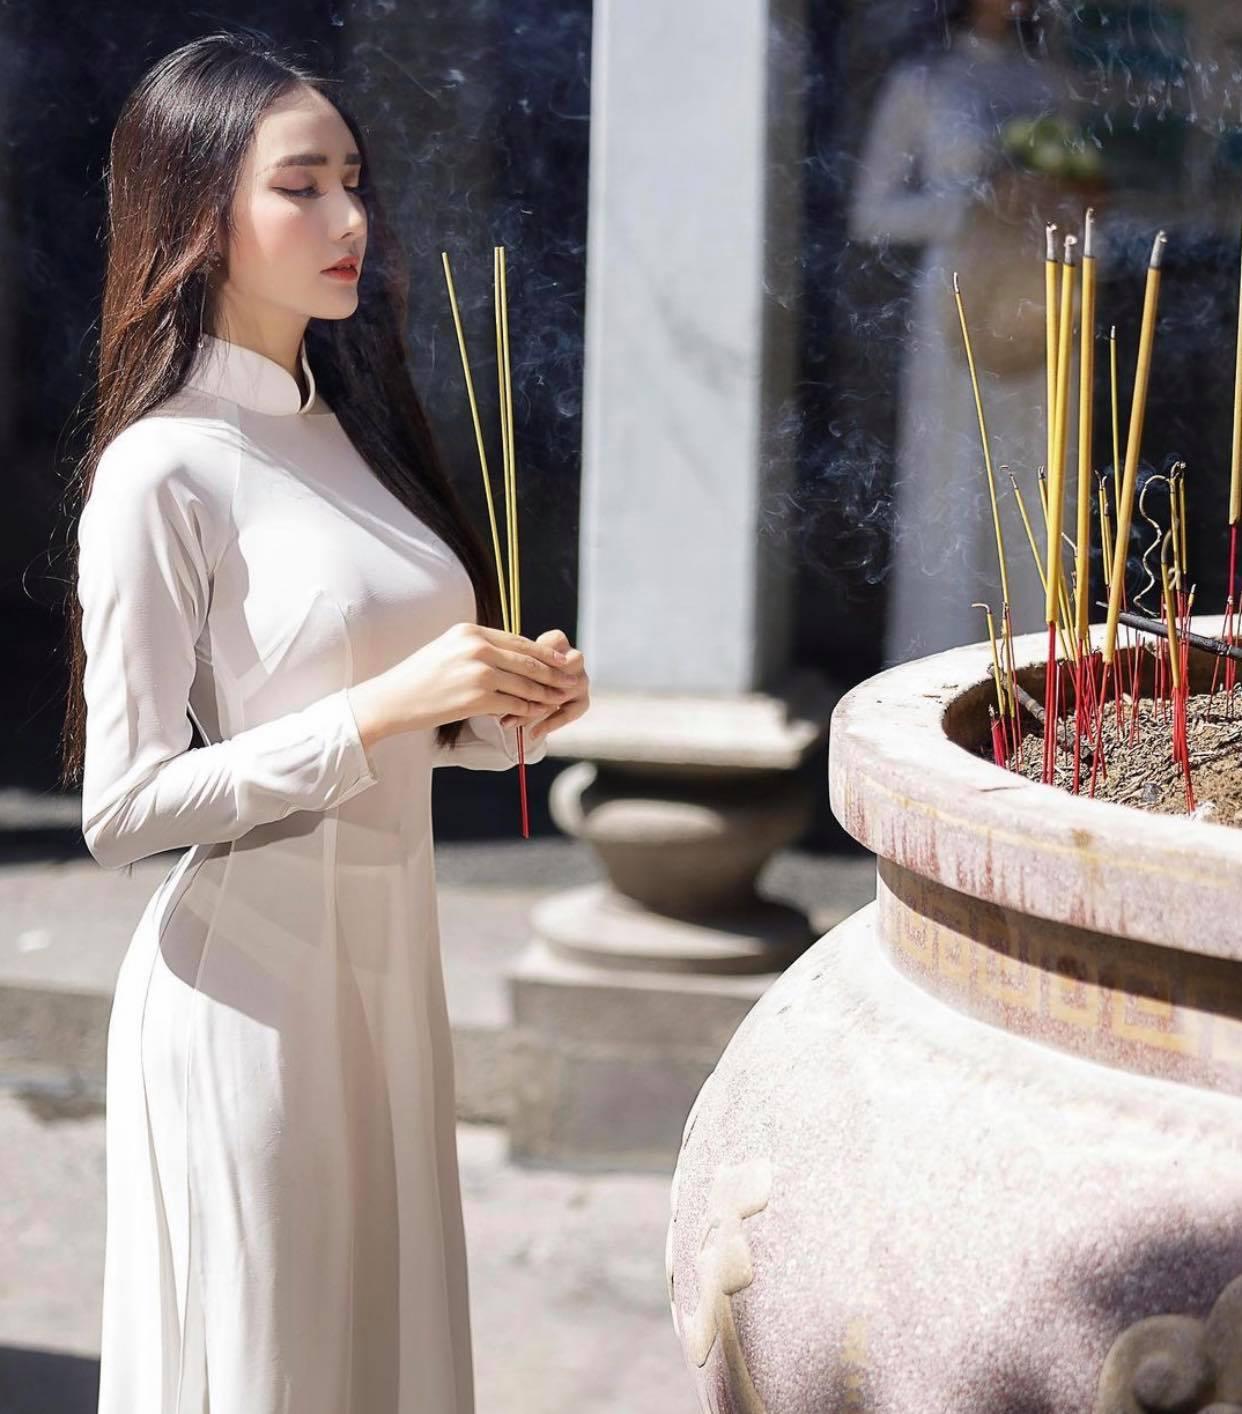 Người đẹp Việt mặc áo dài mỏng tang như tờ giấy đến chốn trang nghiêm gây bức xúc - 2